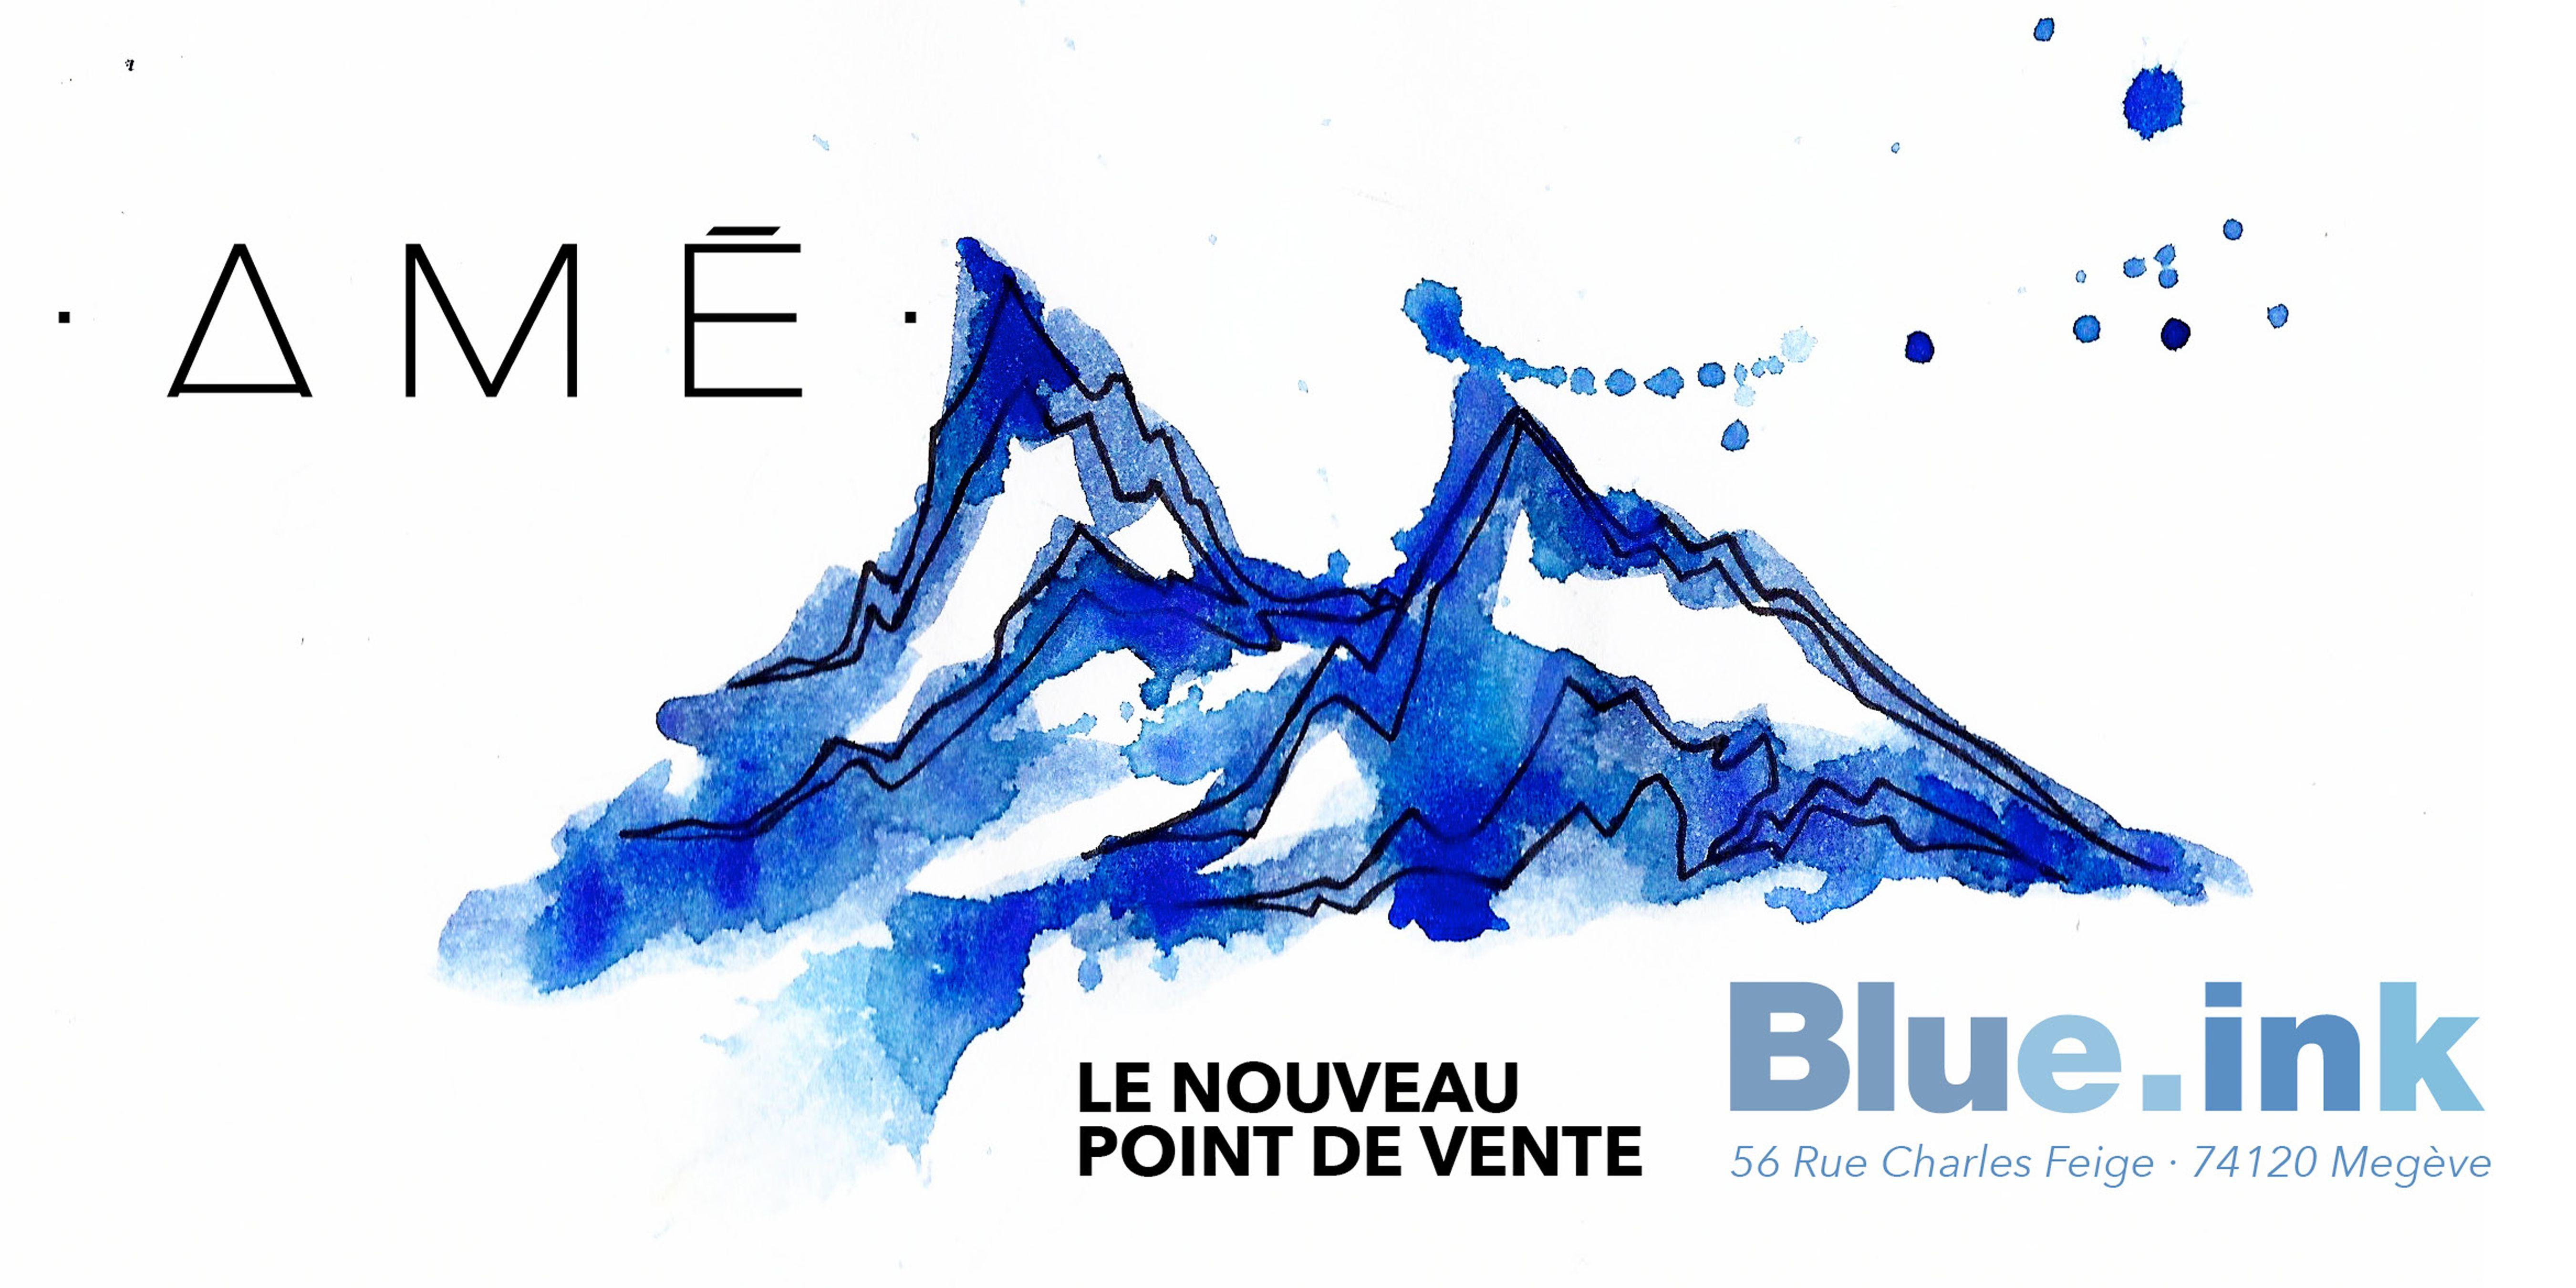 BLUE INK 74120 MEGEVE